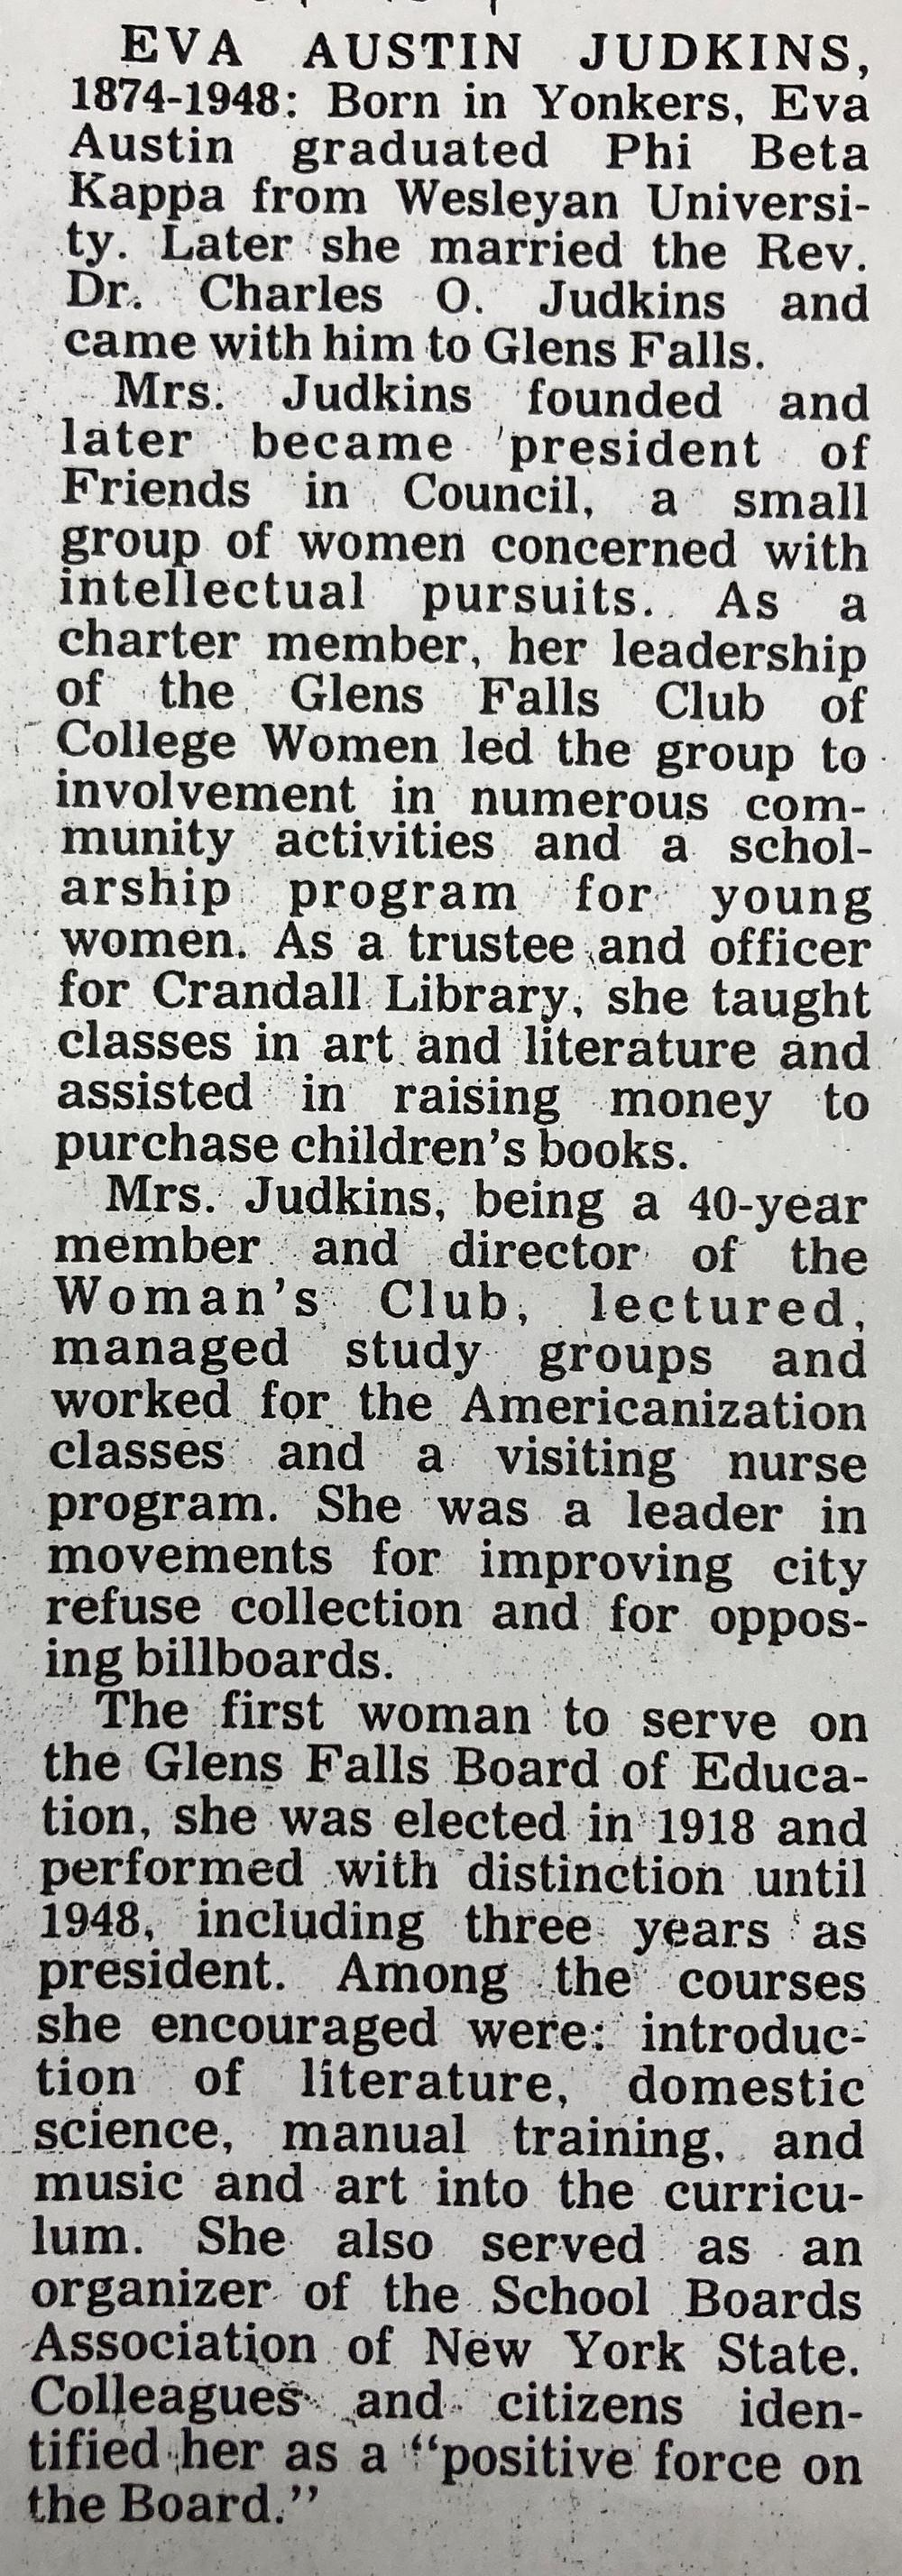 Glens Falls Hall of Fame Bio of Eva Austin Judkins <The Post-Star, Glens Falls, NY May 10, 1984>